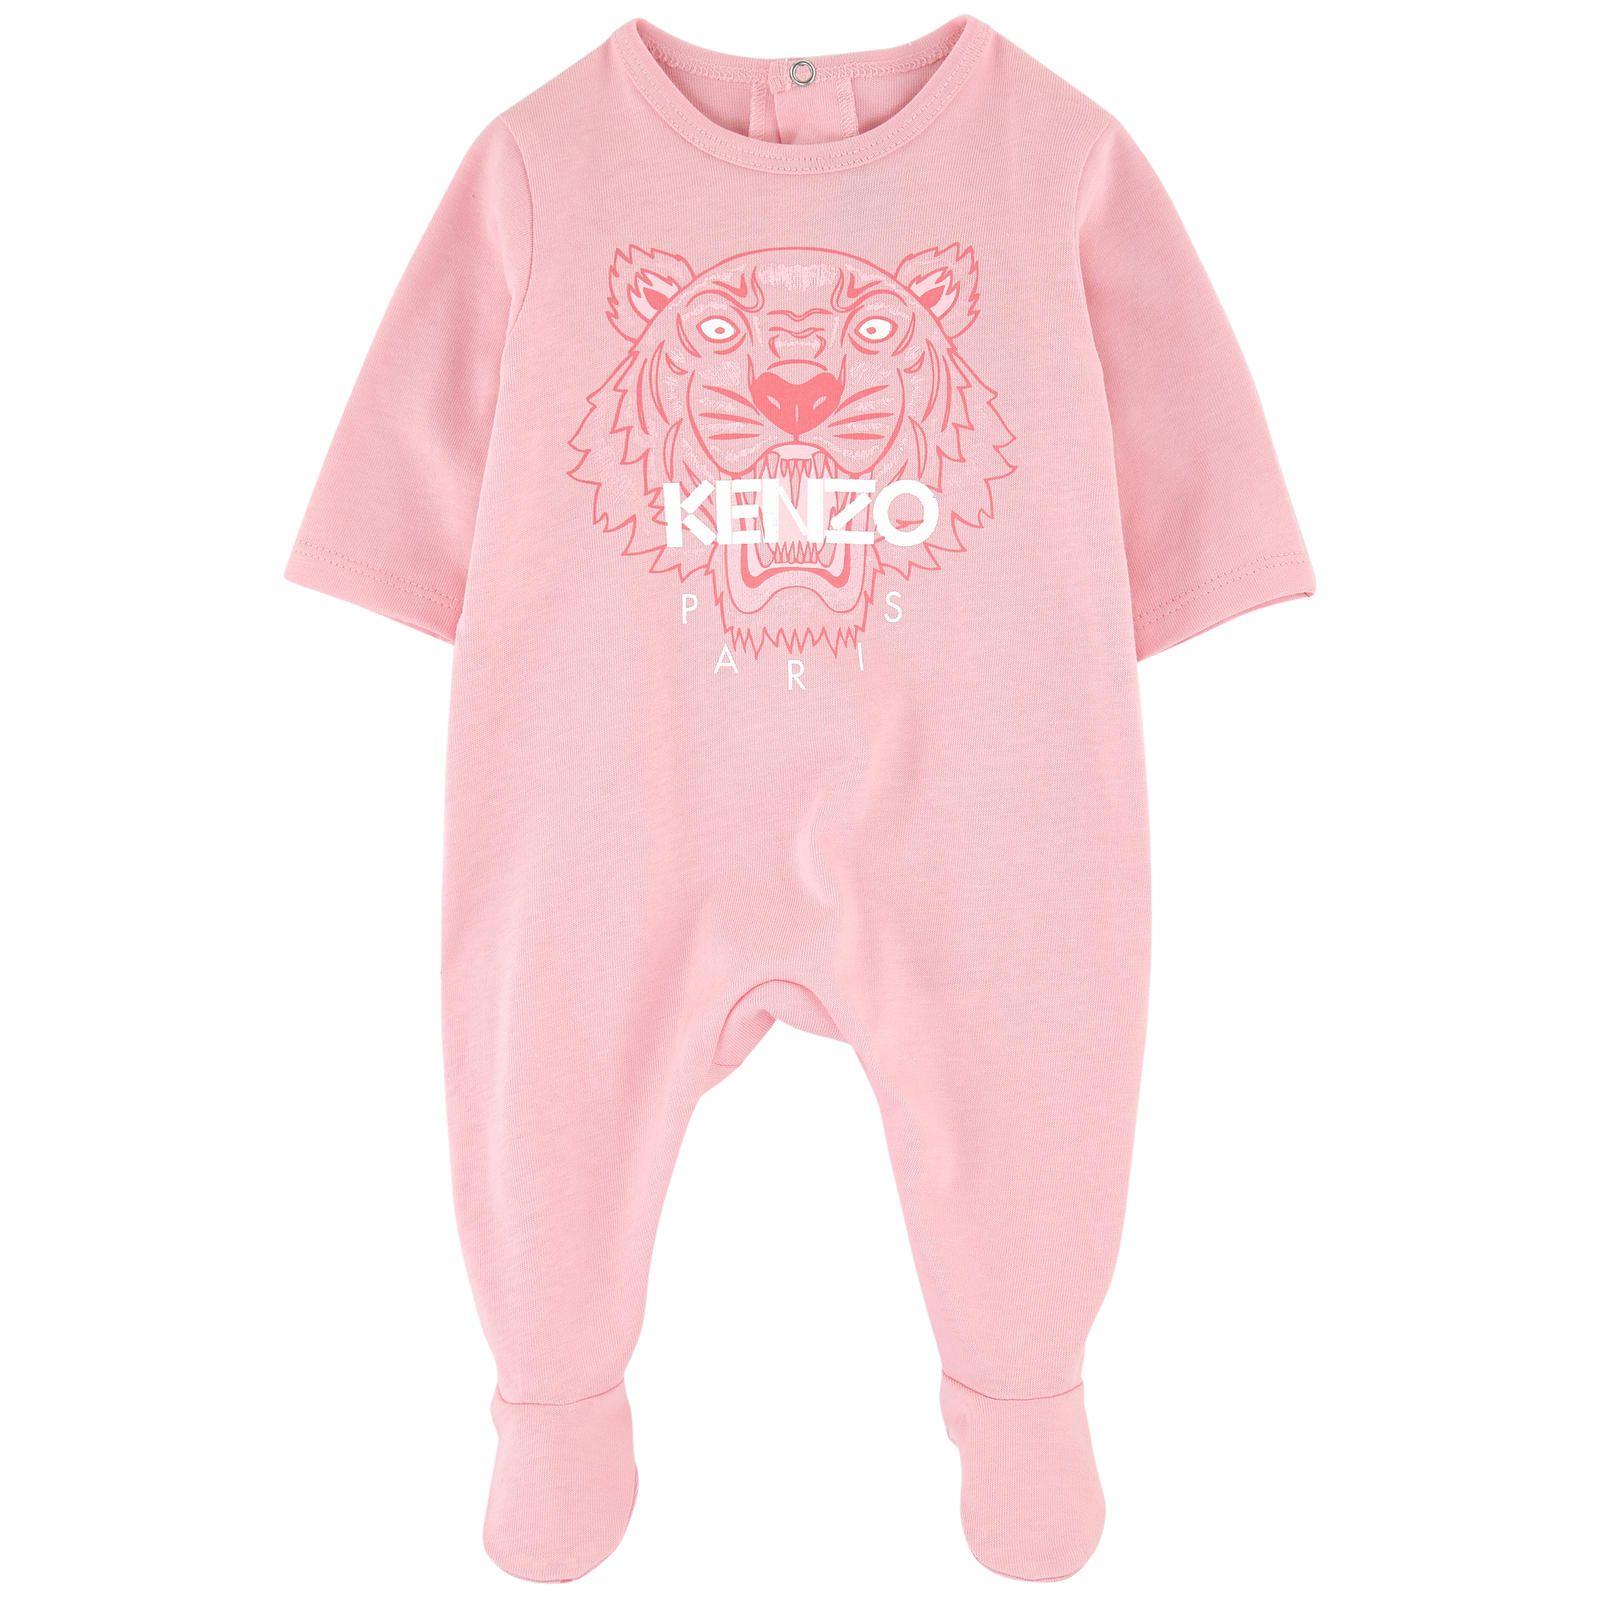 Kenzo Kids Pajamas Tiger pyjamas Baby x Pinterest